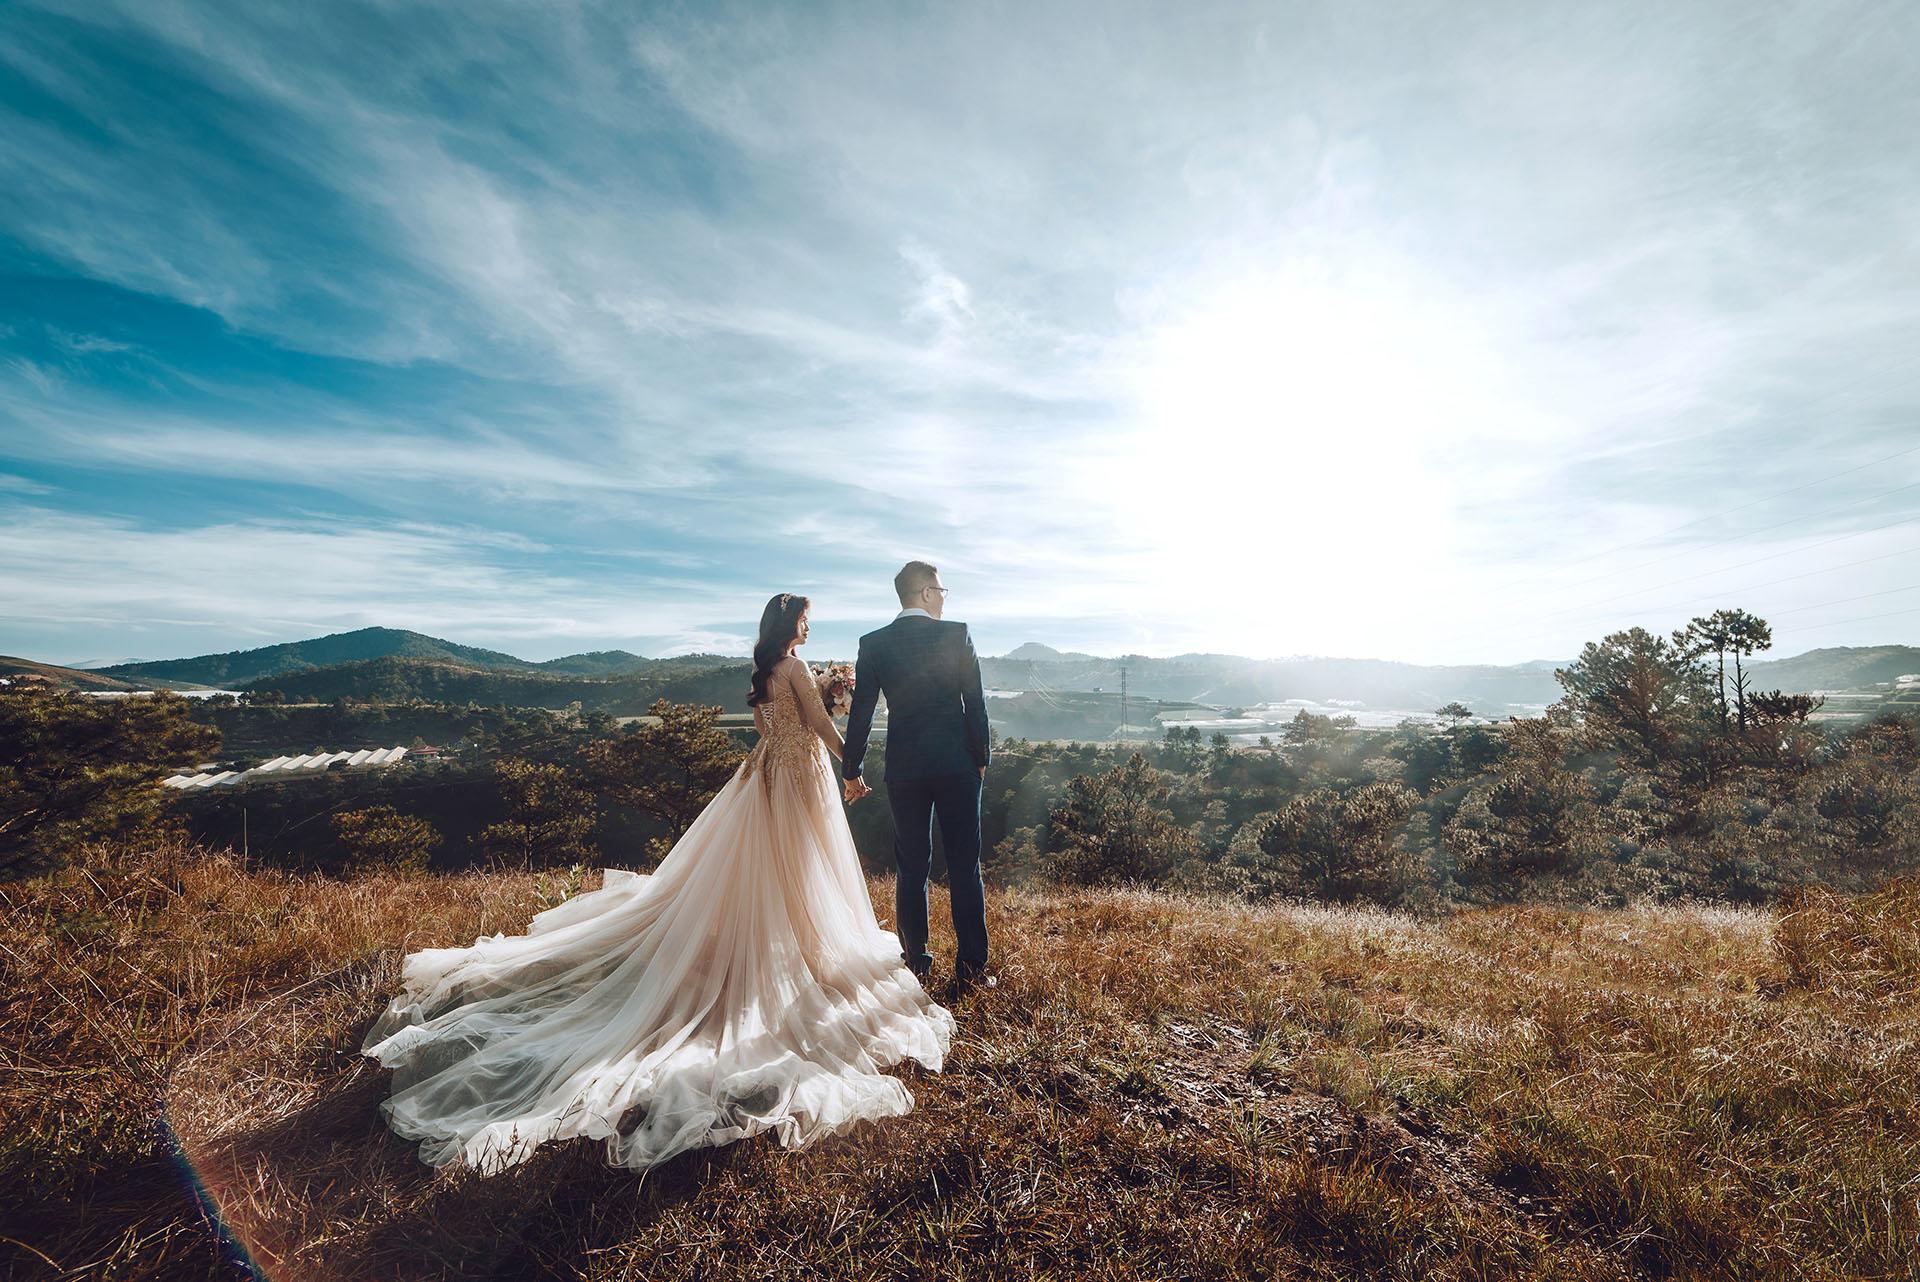 Bật mí 7 tư thế và cách tạo dáng đẹp khi chụp ảnh cưới3